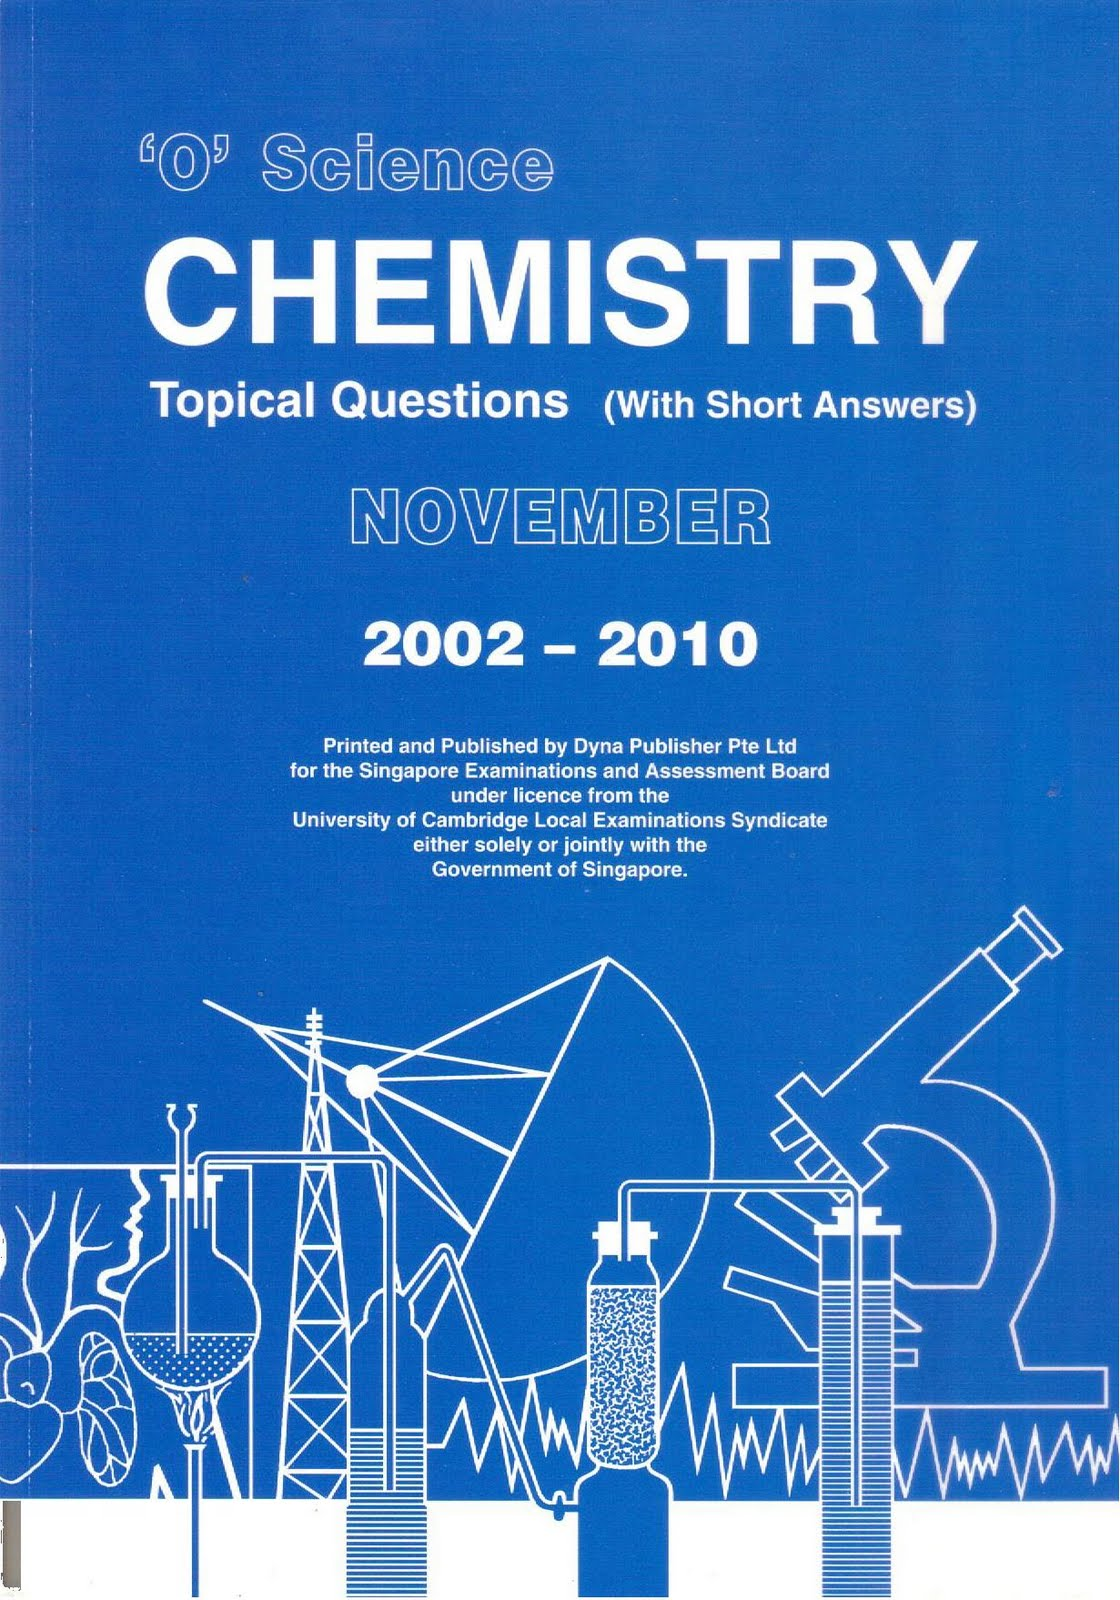 Chemistry 7 28 bulk order min 40 6 40 topical science chemistry